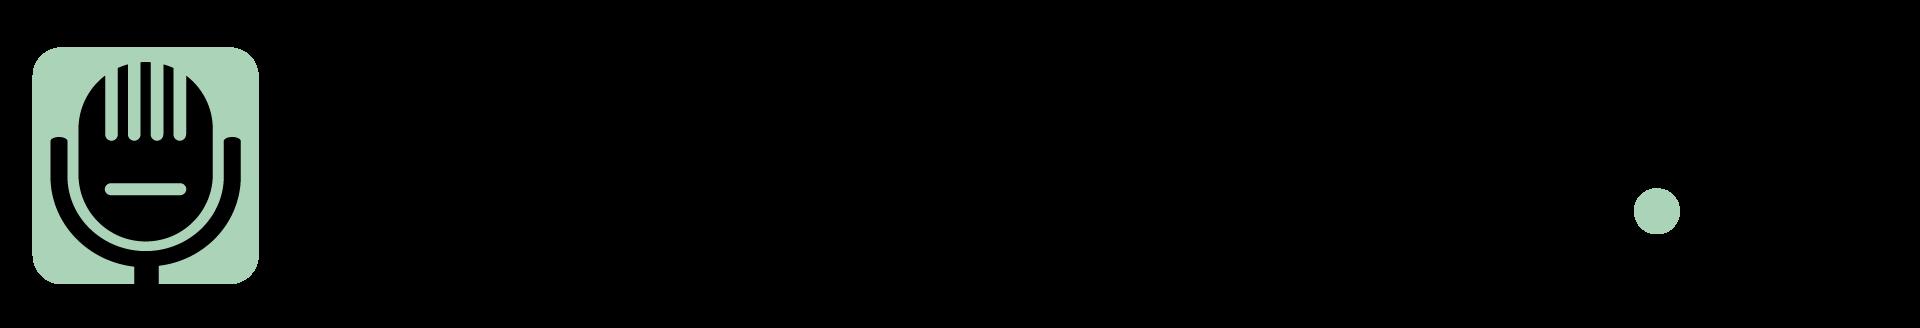 spiikkaaja-transparent